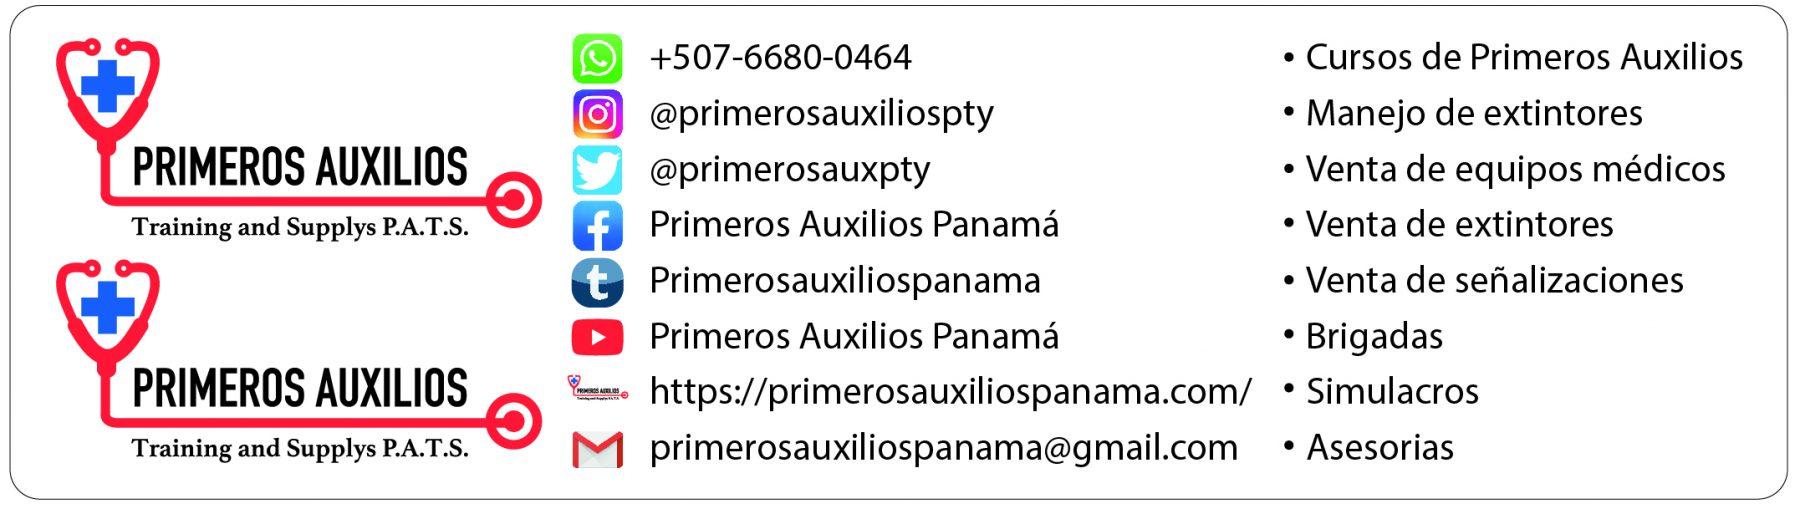 PRIMEROS AUXILIOS PANAMÁ P.A.T.S.